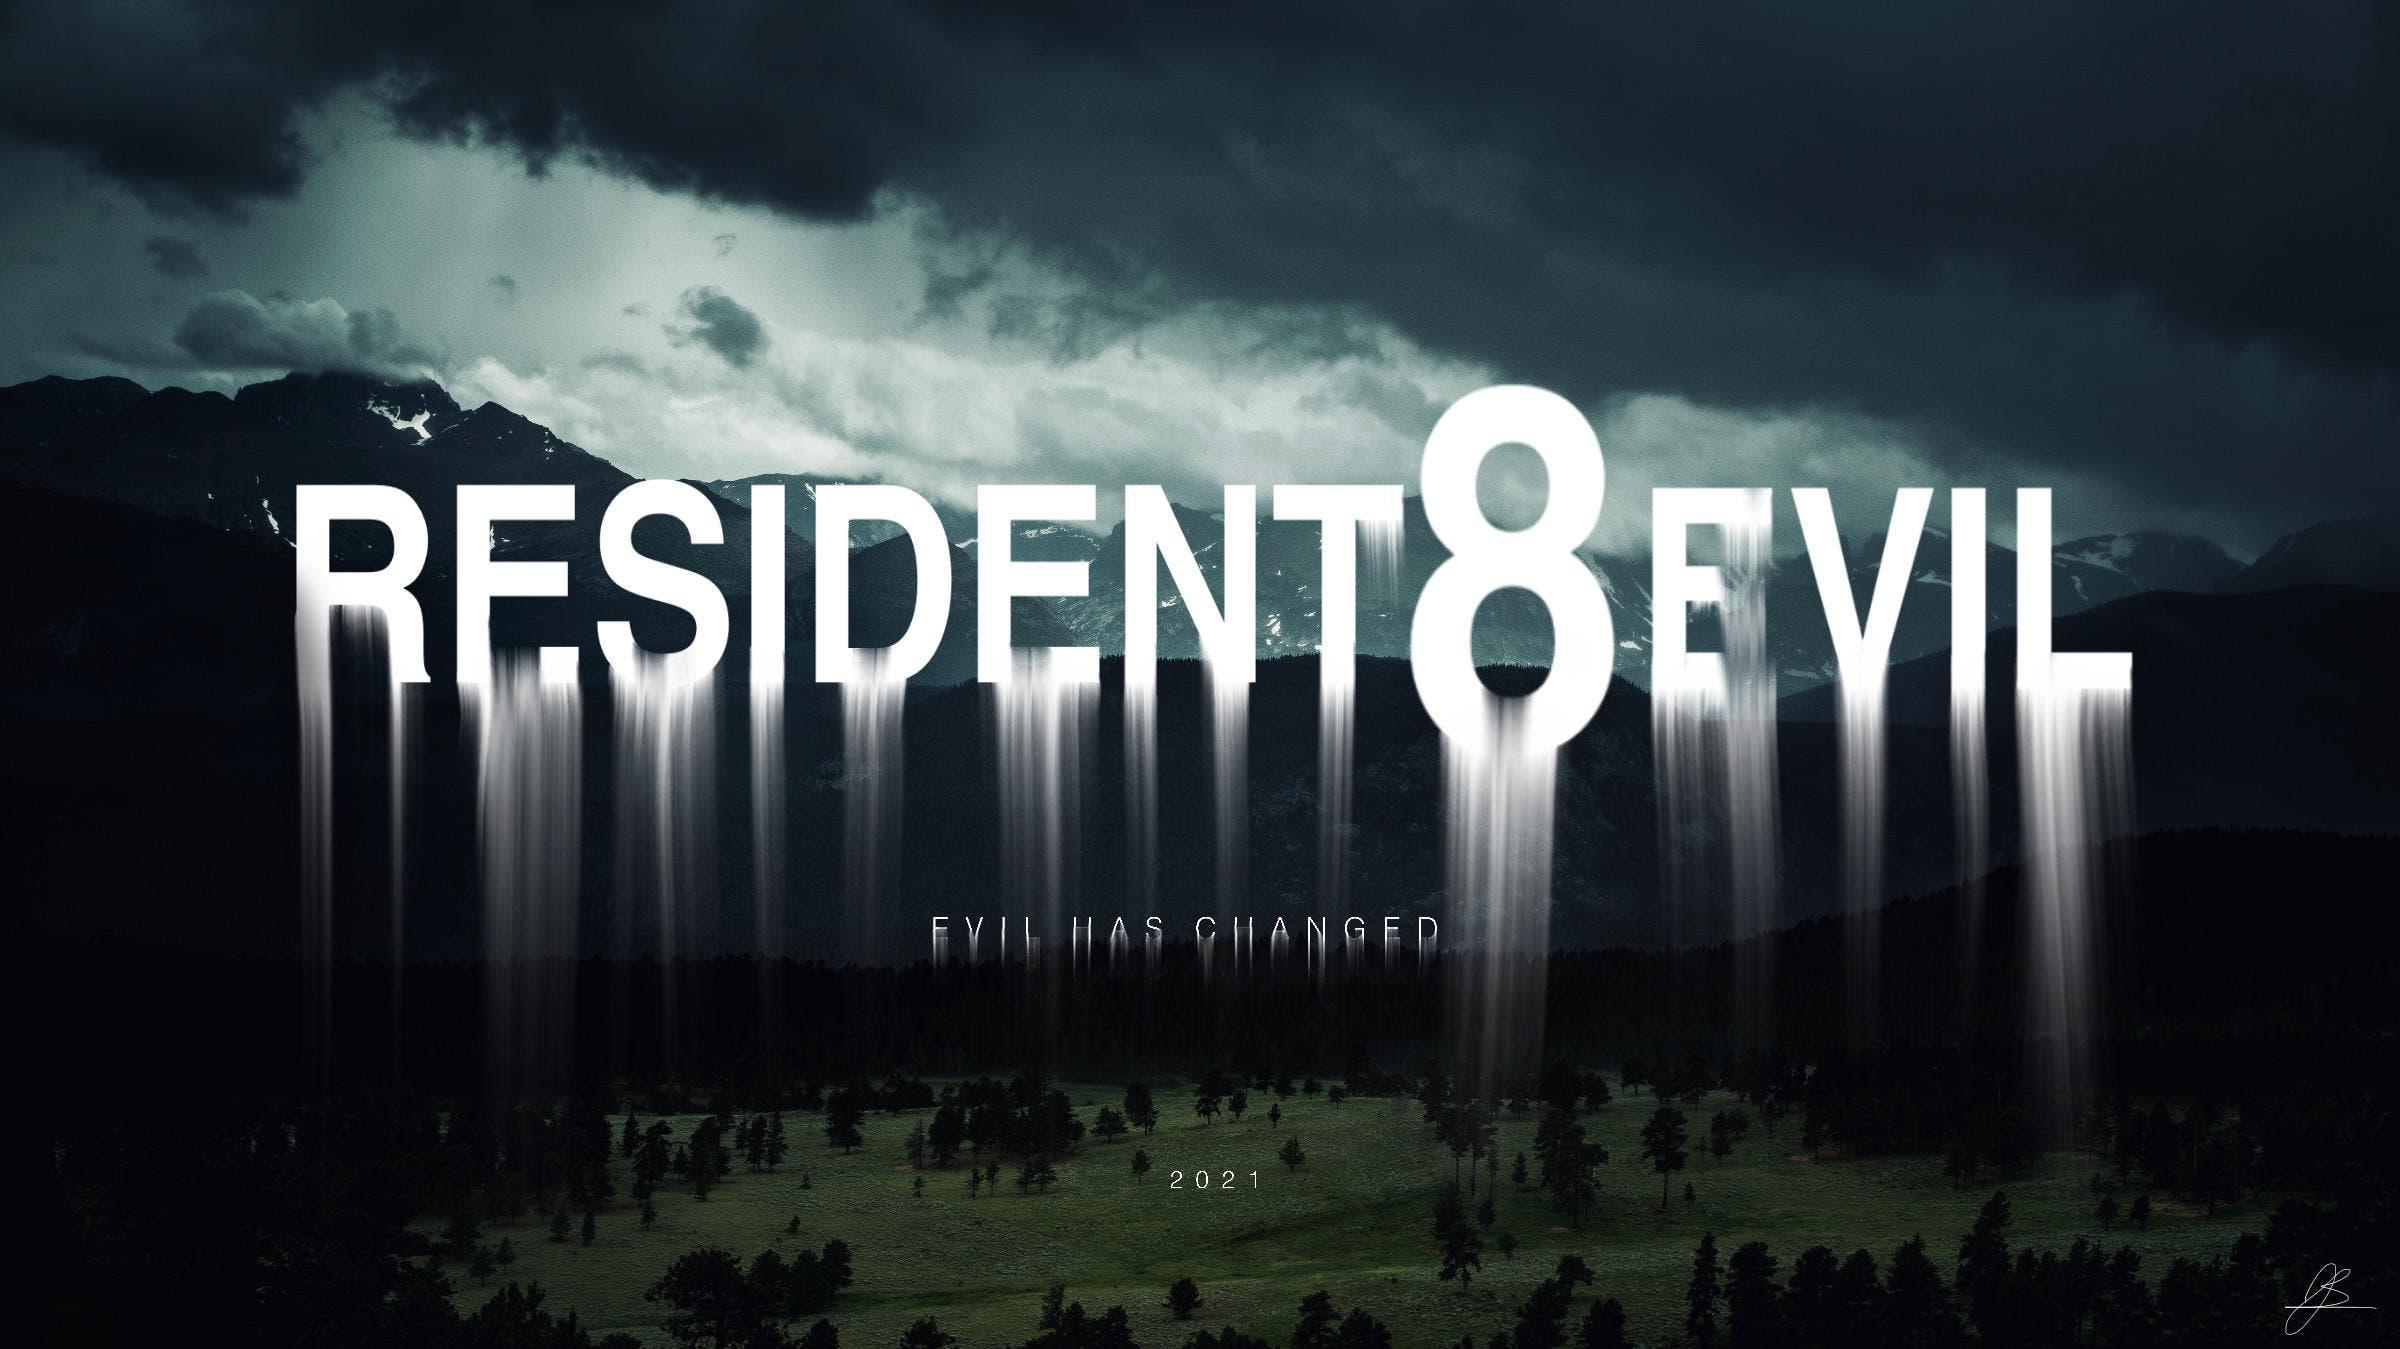 Resident Evil 8 tendrá varios personajes jugables según un conocido insider